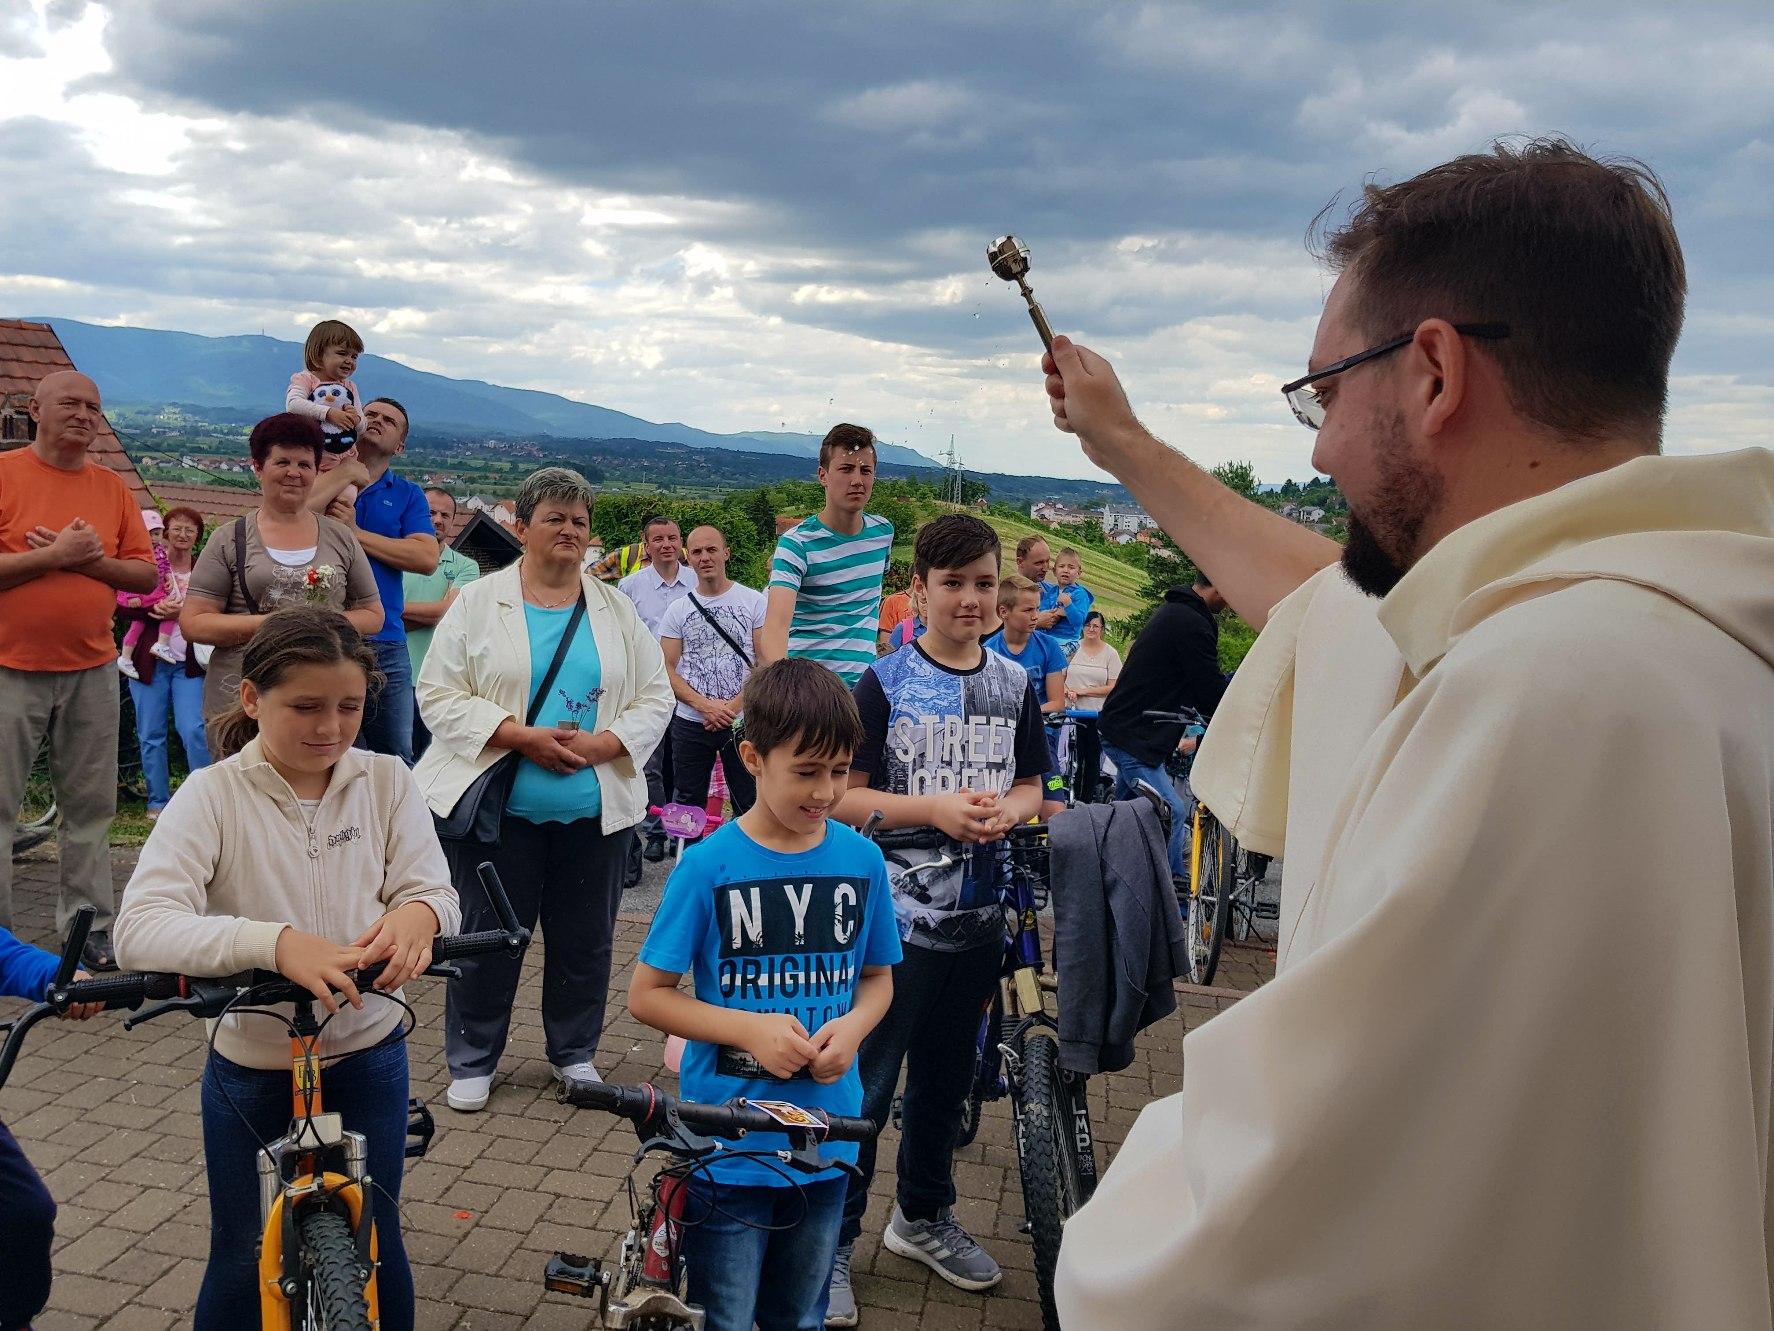 Proslavljeno Antunovo i blagoslovljeni bicikli u Grabrovcu3